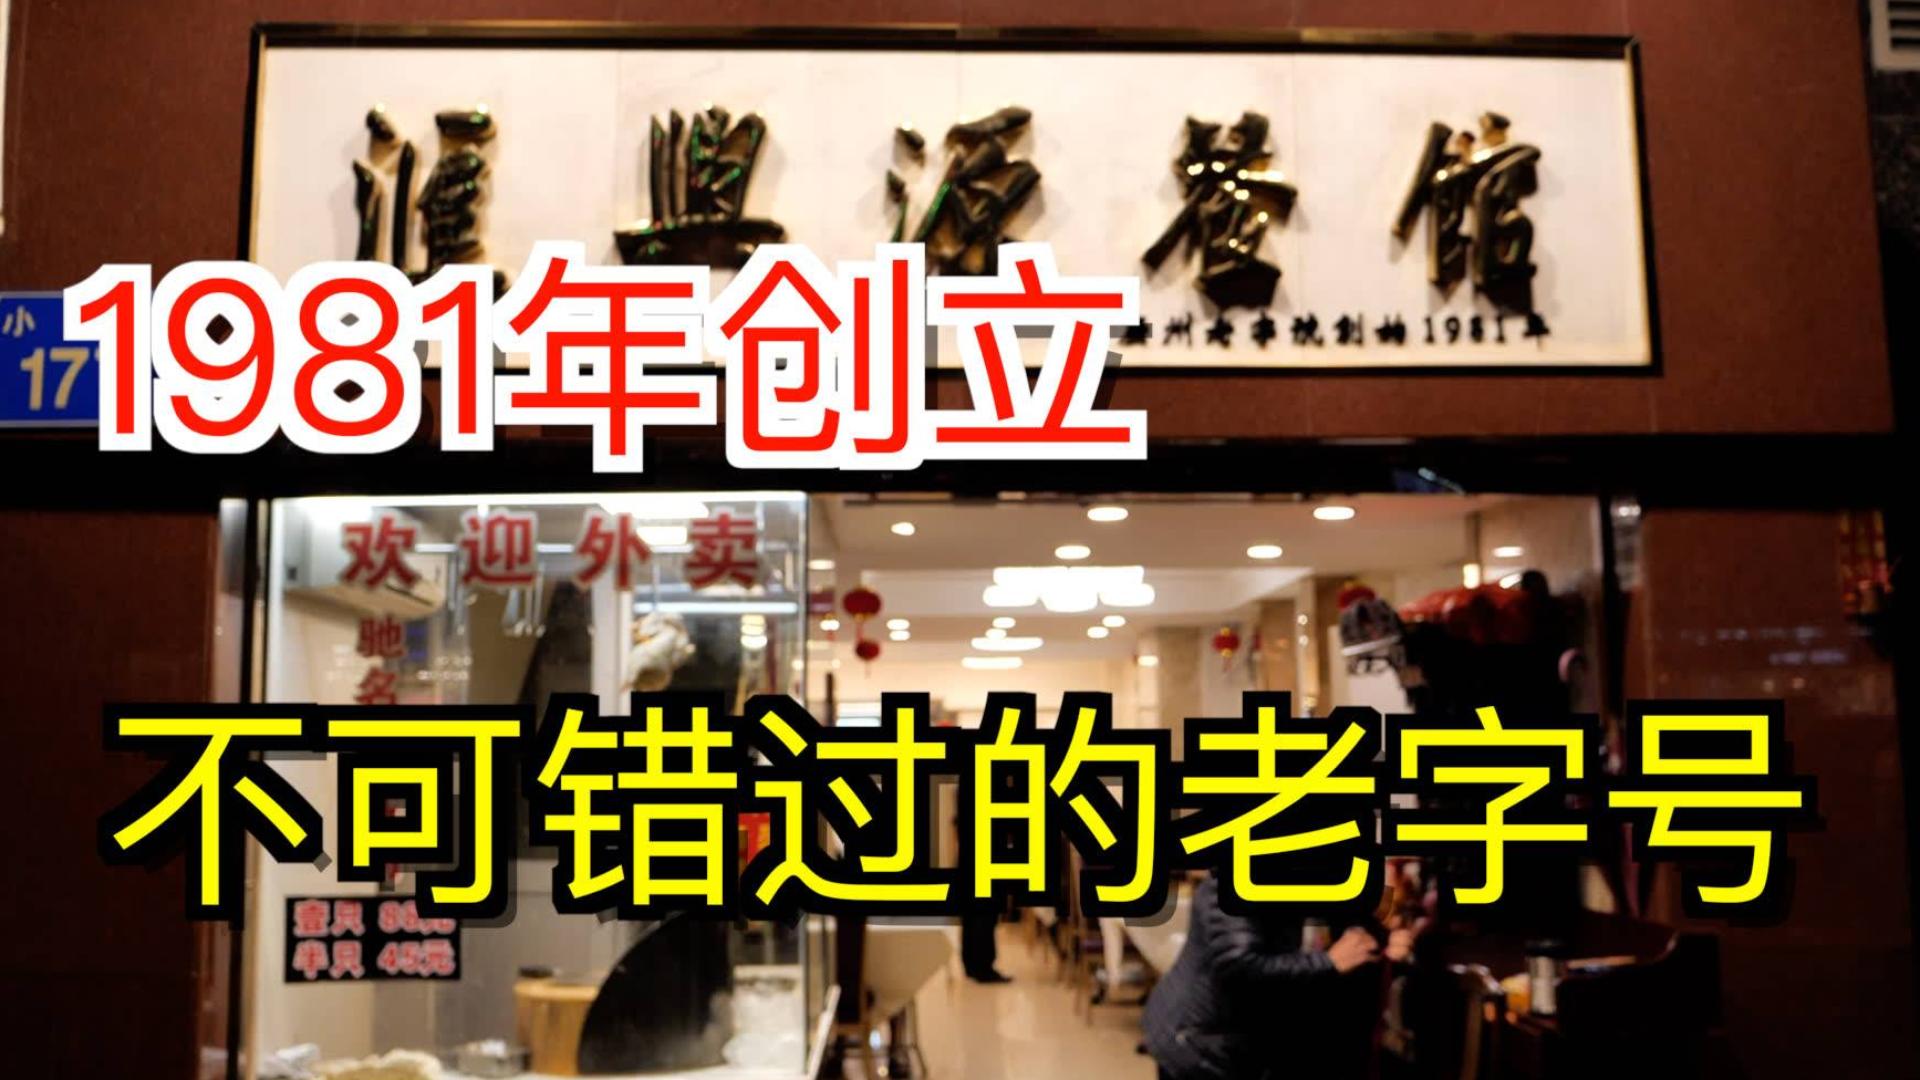 广州美食 | 广东人也吃锅包肉?1981开店,快40年的老饭店